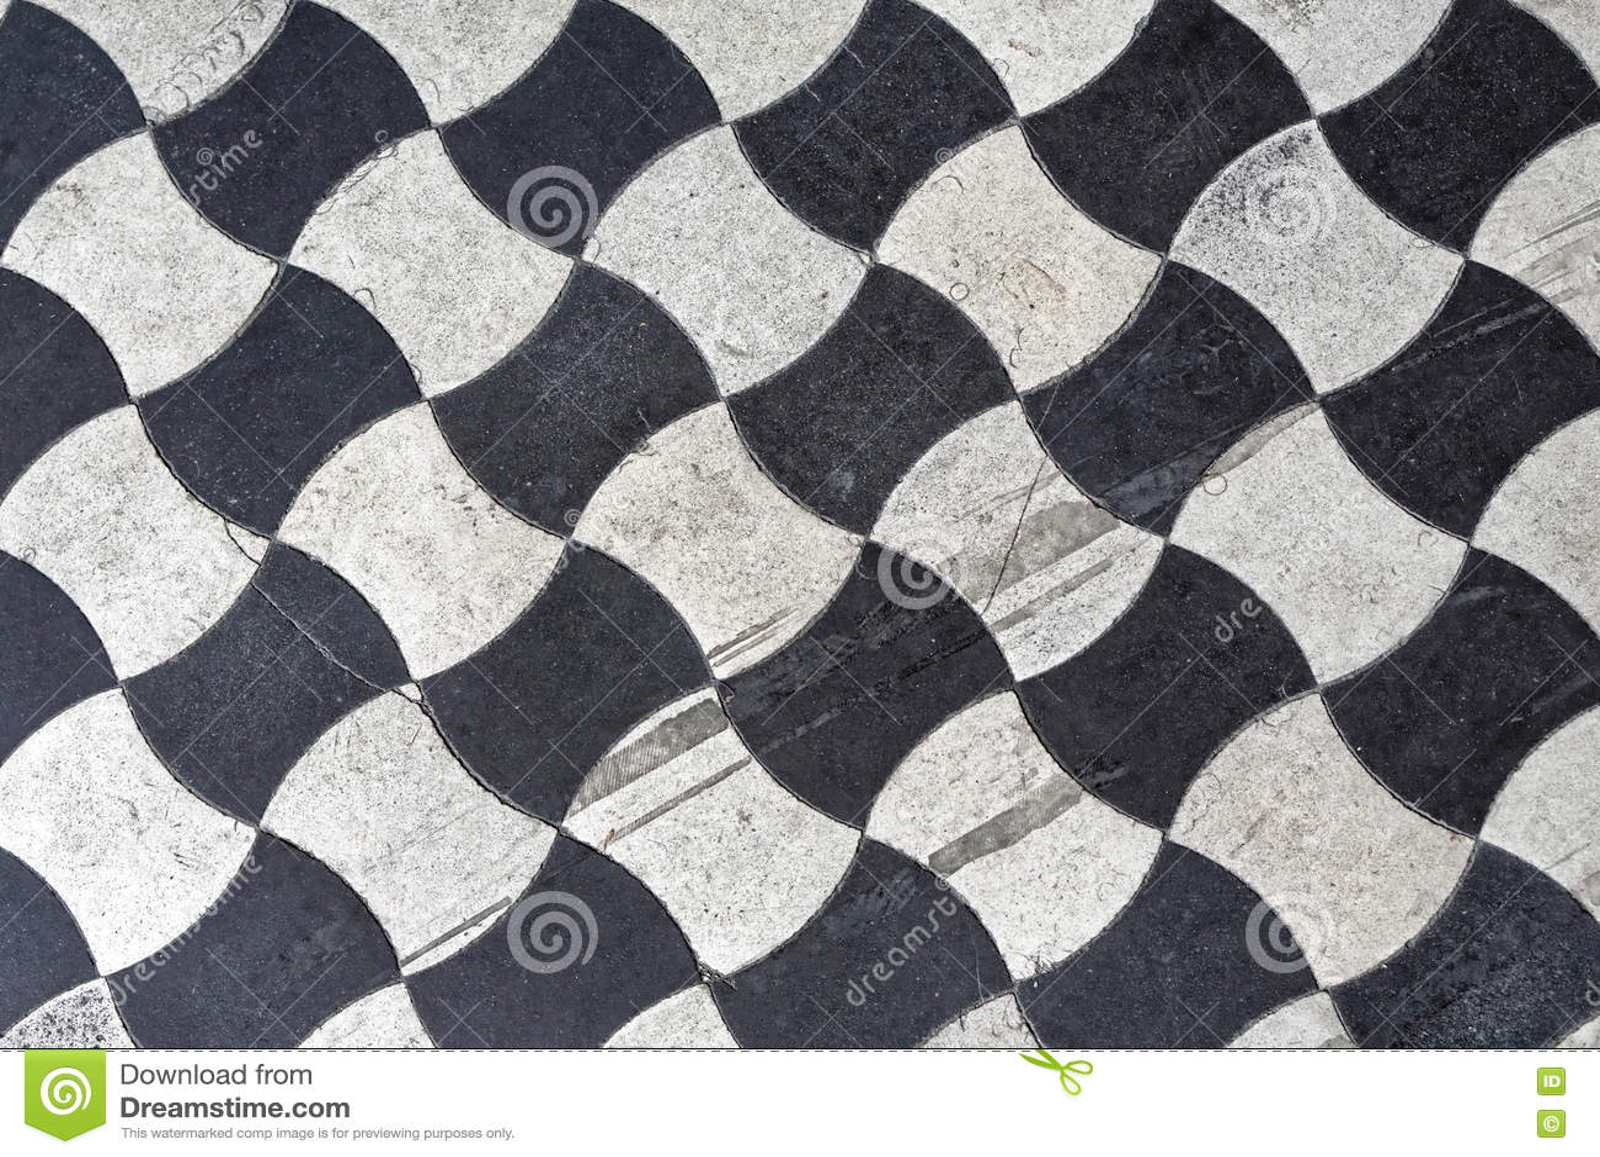 Zwart Witte Tegels : Zwart witte tegels stock foto afbeelding bestaande uit zwart